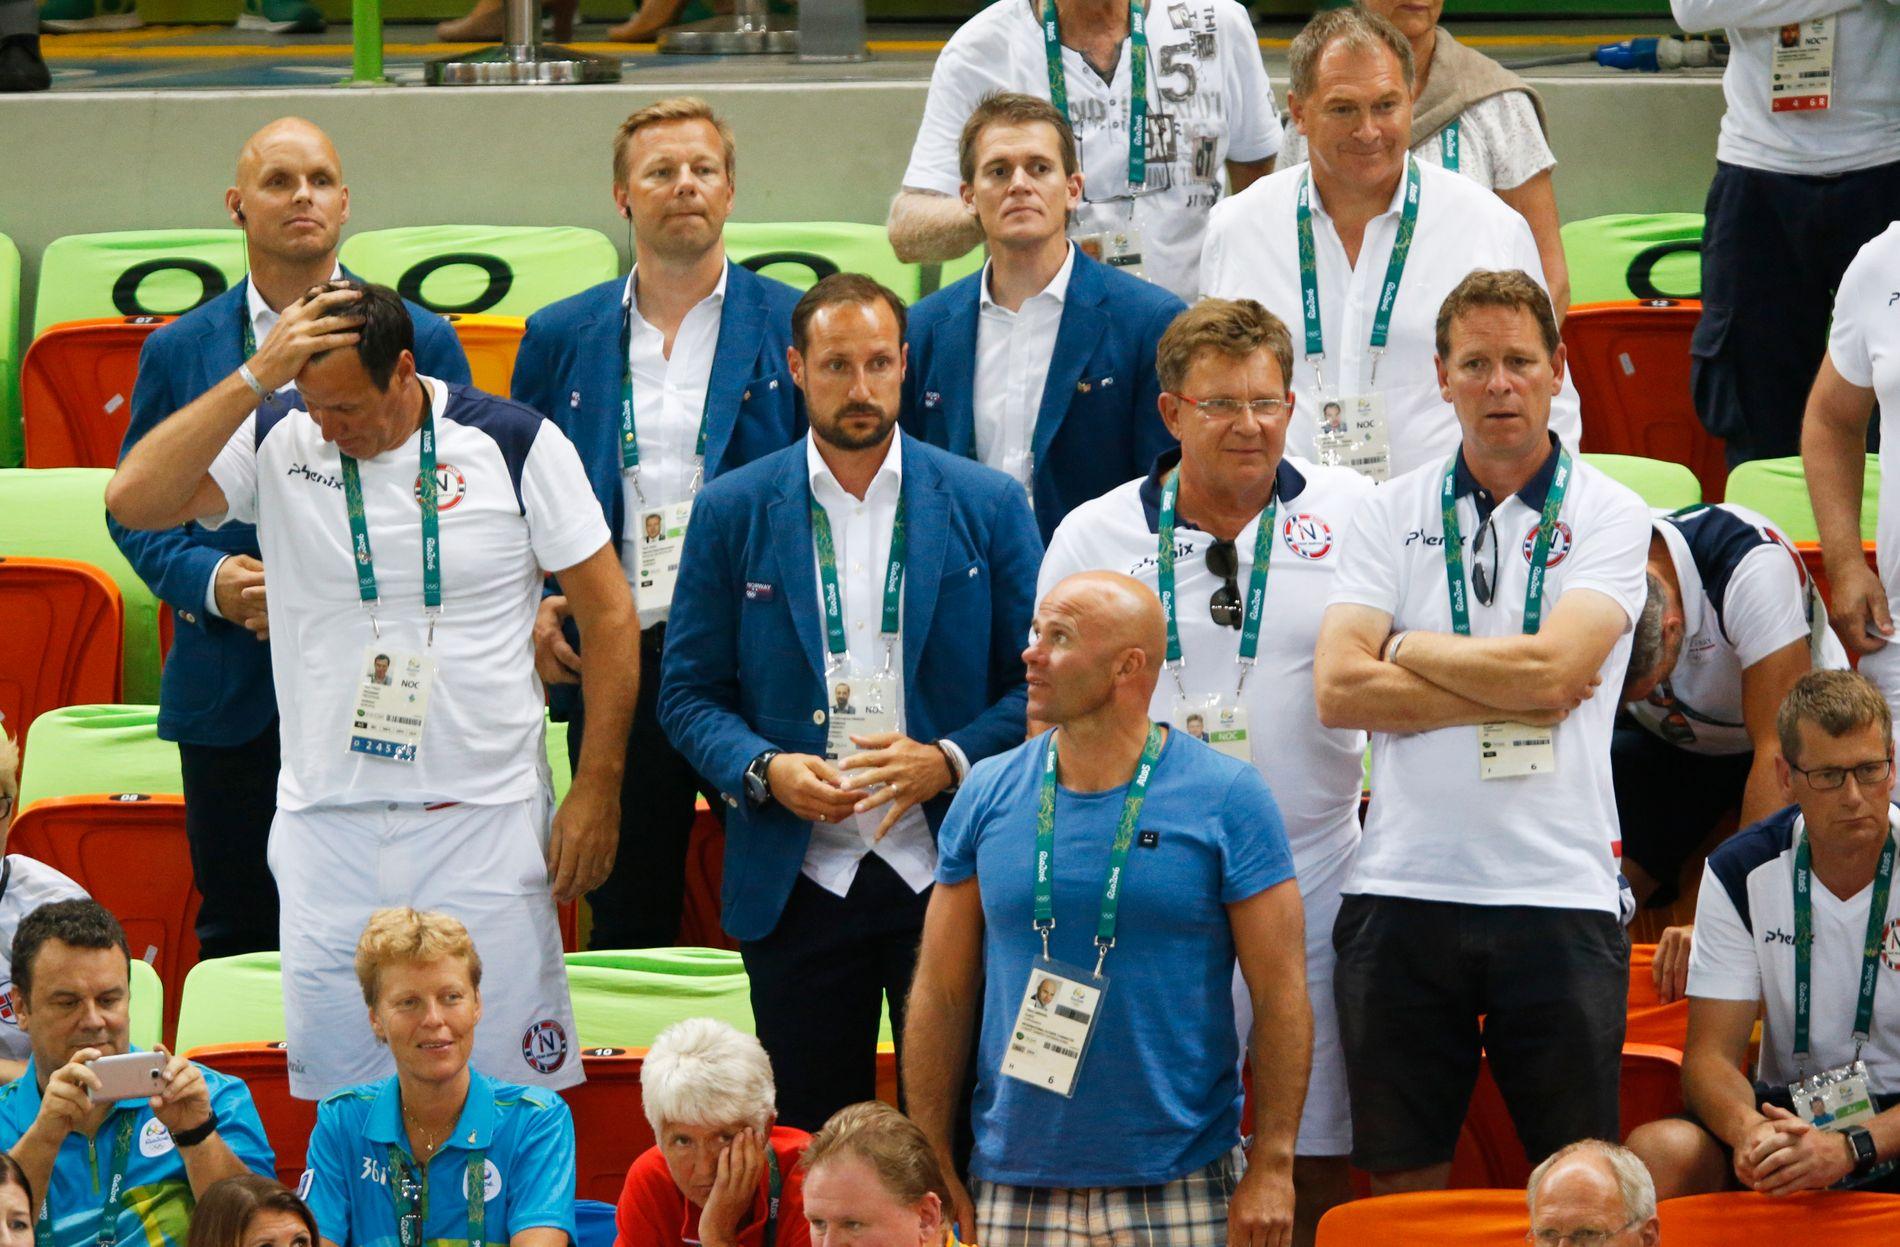 SKUFFELSE: Idrettspresident Tom Tvedt (t.v.), Kronprins Håkon (nr. 2 f.v.), generalsekretær Inge Andersen i Norges Idrettsforbund (nr. 1 fra høyre rad 2) og toppidrettsjef Tore Øvrebø (nederst til høyre)  på tribunen under Norges semifinaletap mot Russland i håndball.